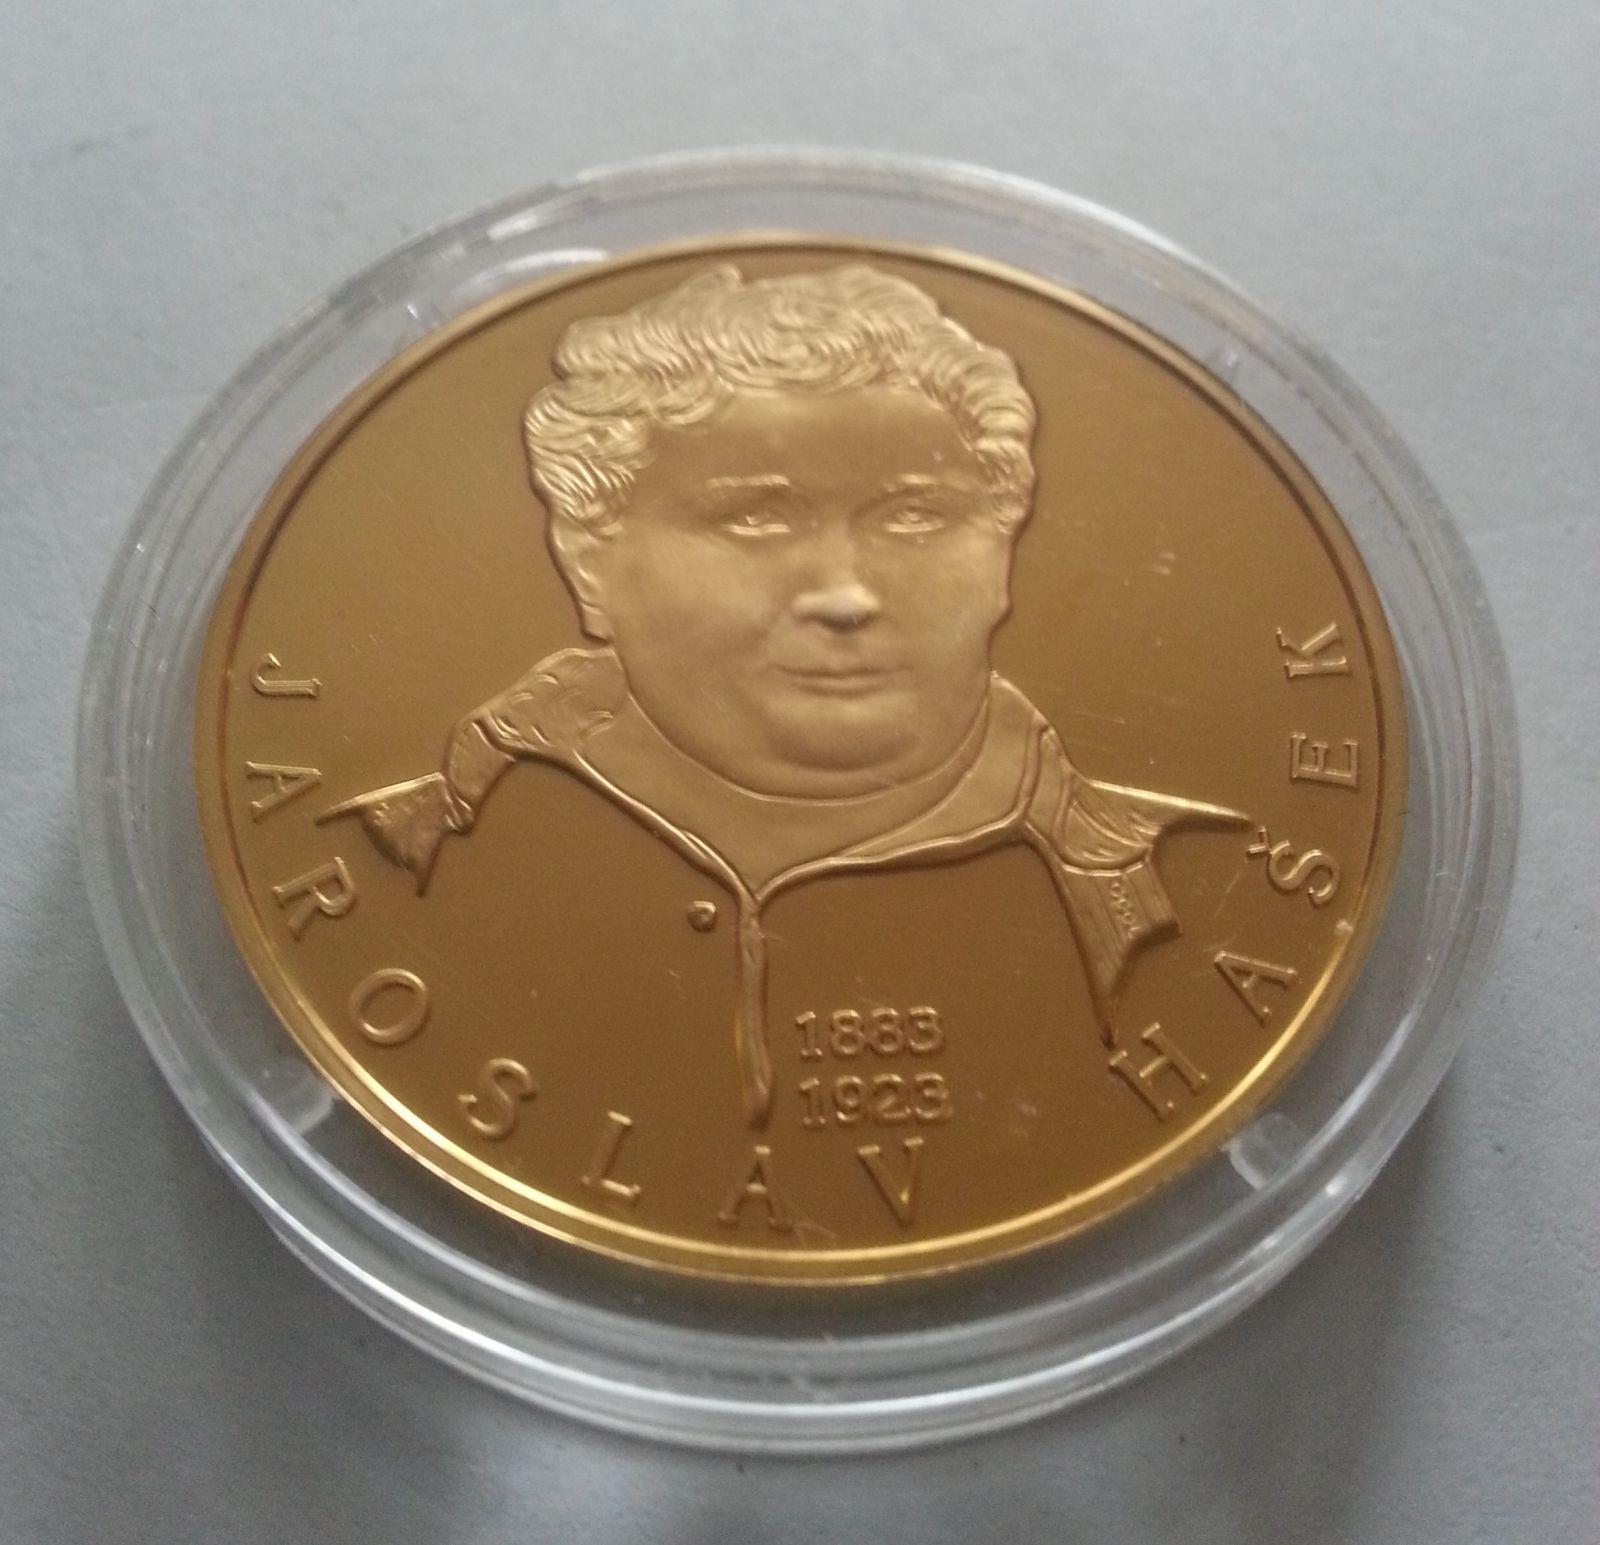 Jaroslav Hašek, zlacená medaile, (průměr 40mm), největší osobnosti, ČR